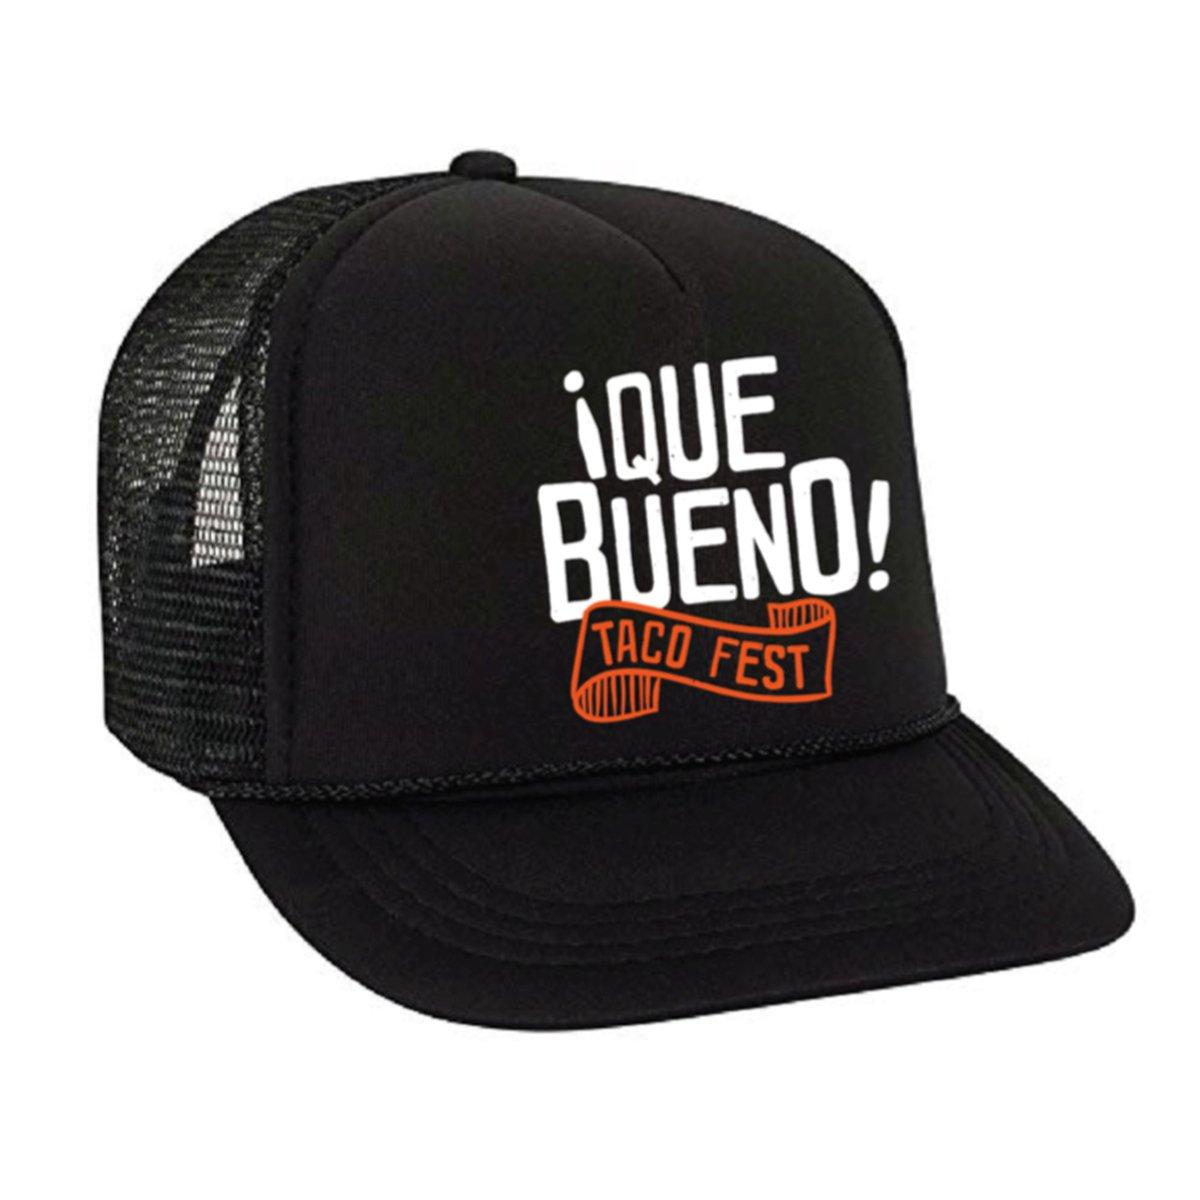 Image of Que Bueno Taco Fest Cap